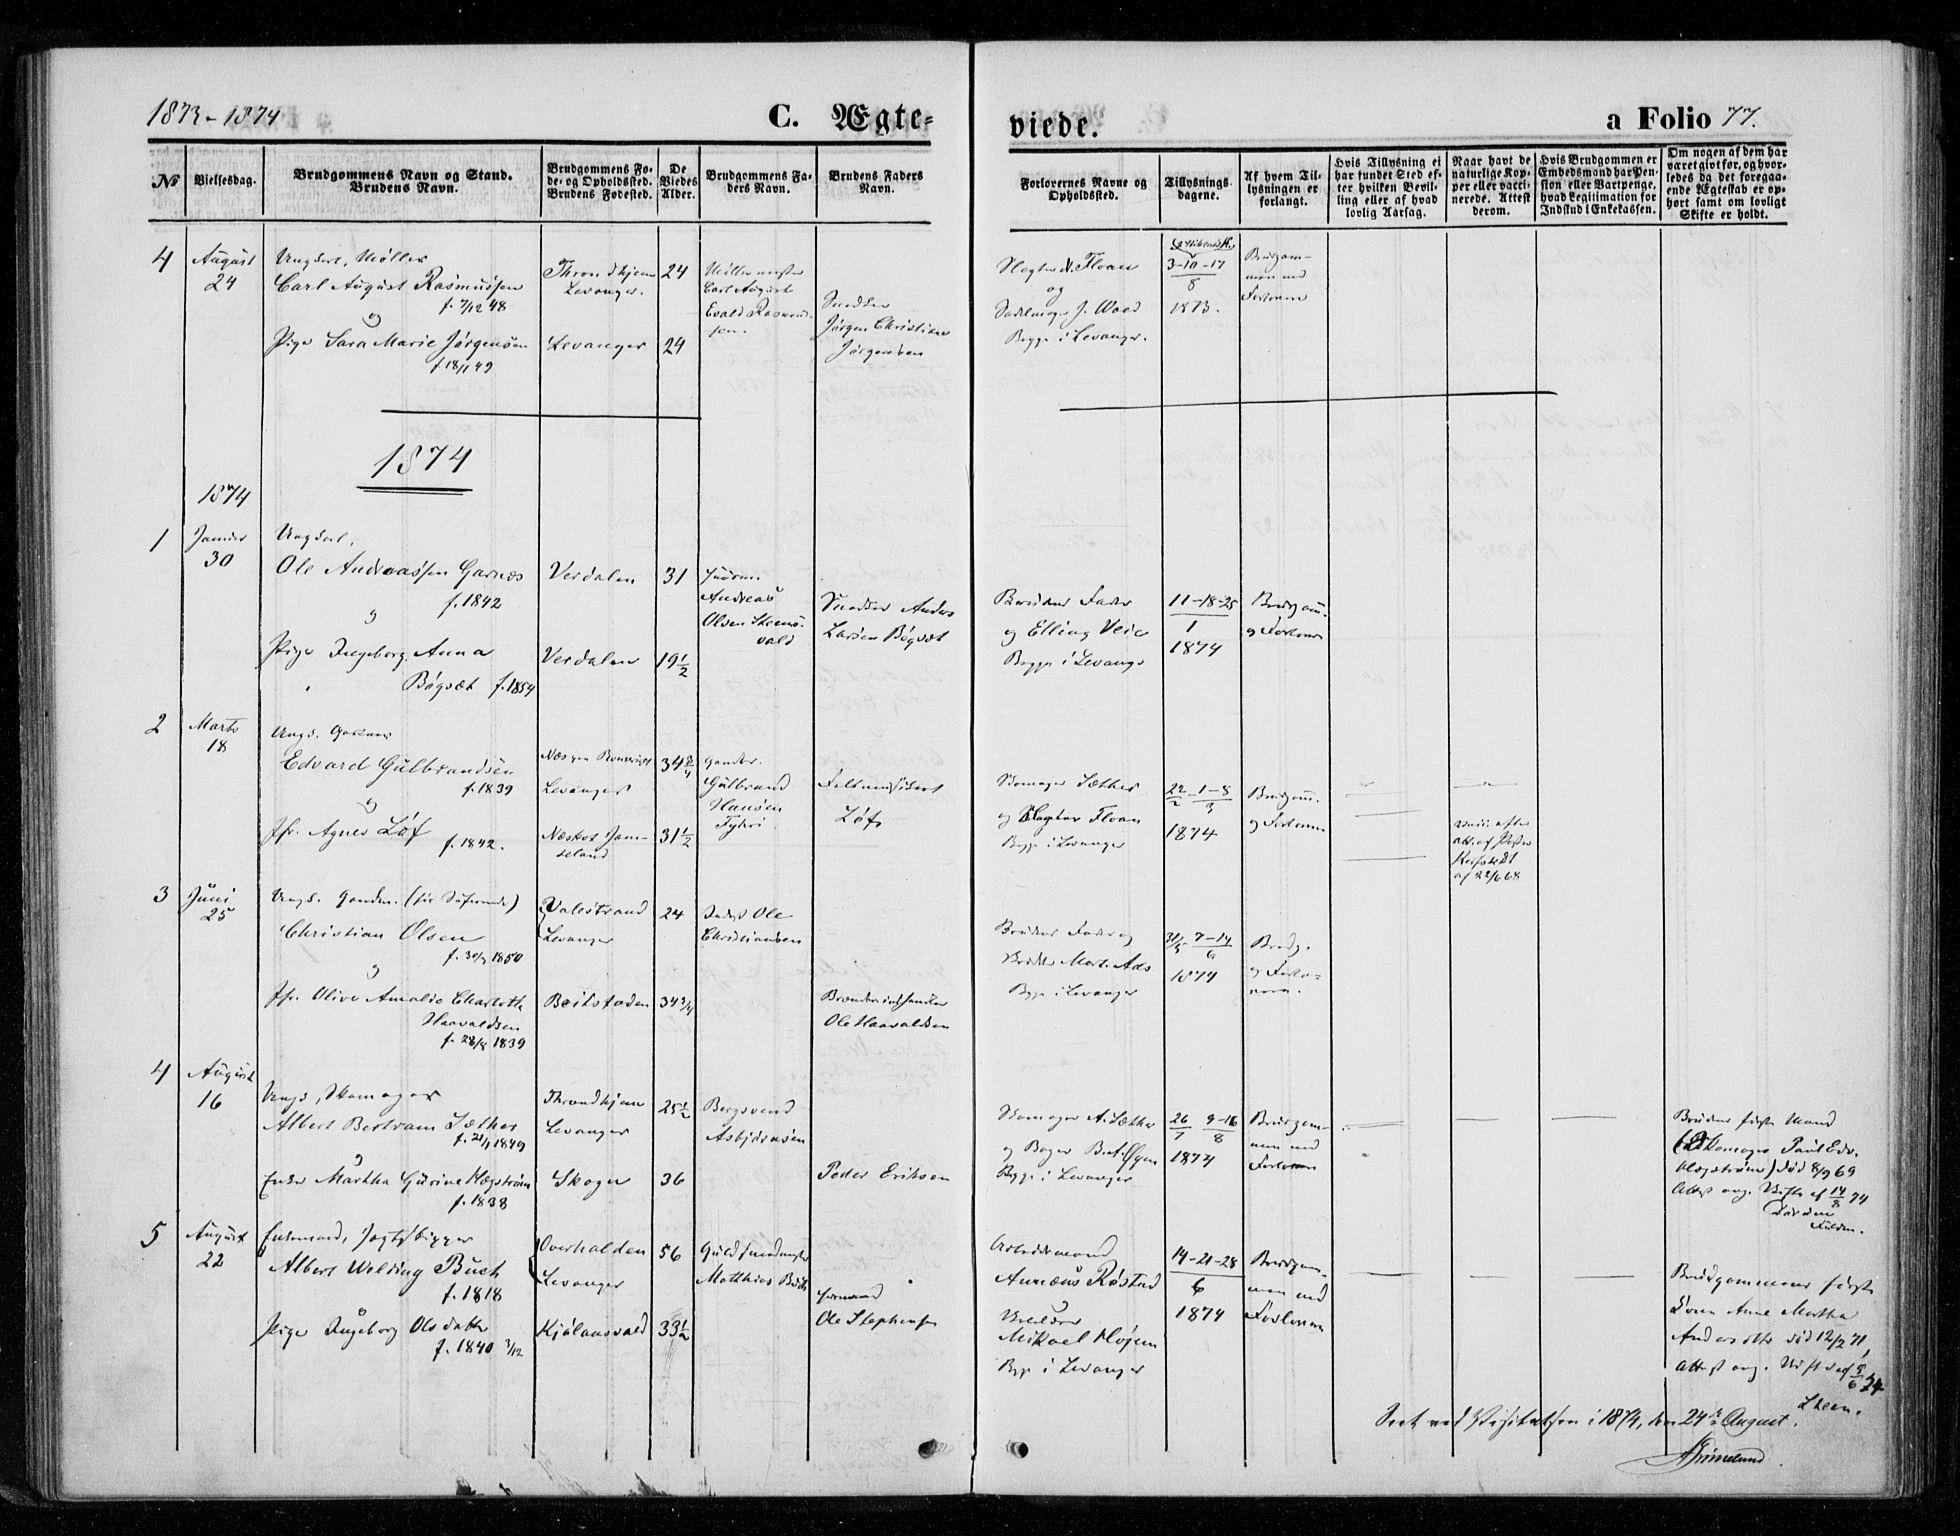 SAT, Ministerialprotokoller, klokkerbøker og fødselsregistre - Nord-Trøndelag, 720/L0186: Ministerialbok nr. 720A03, 1864-1874, s. 77